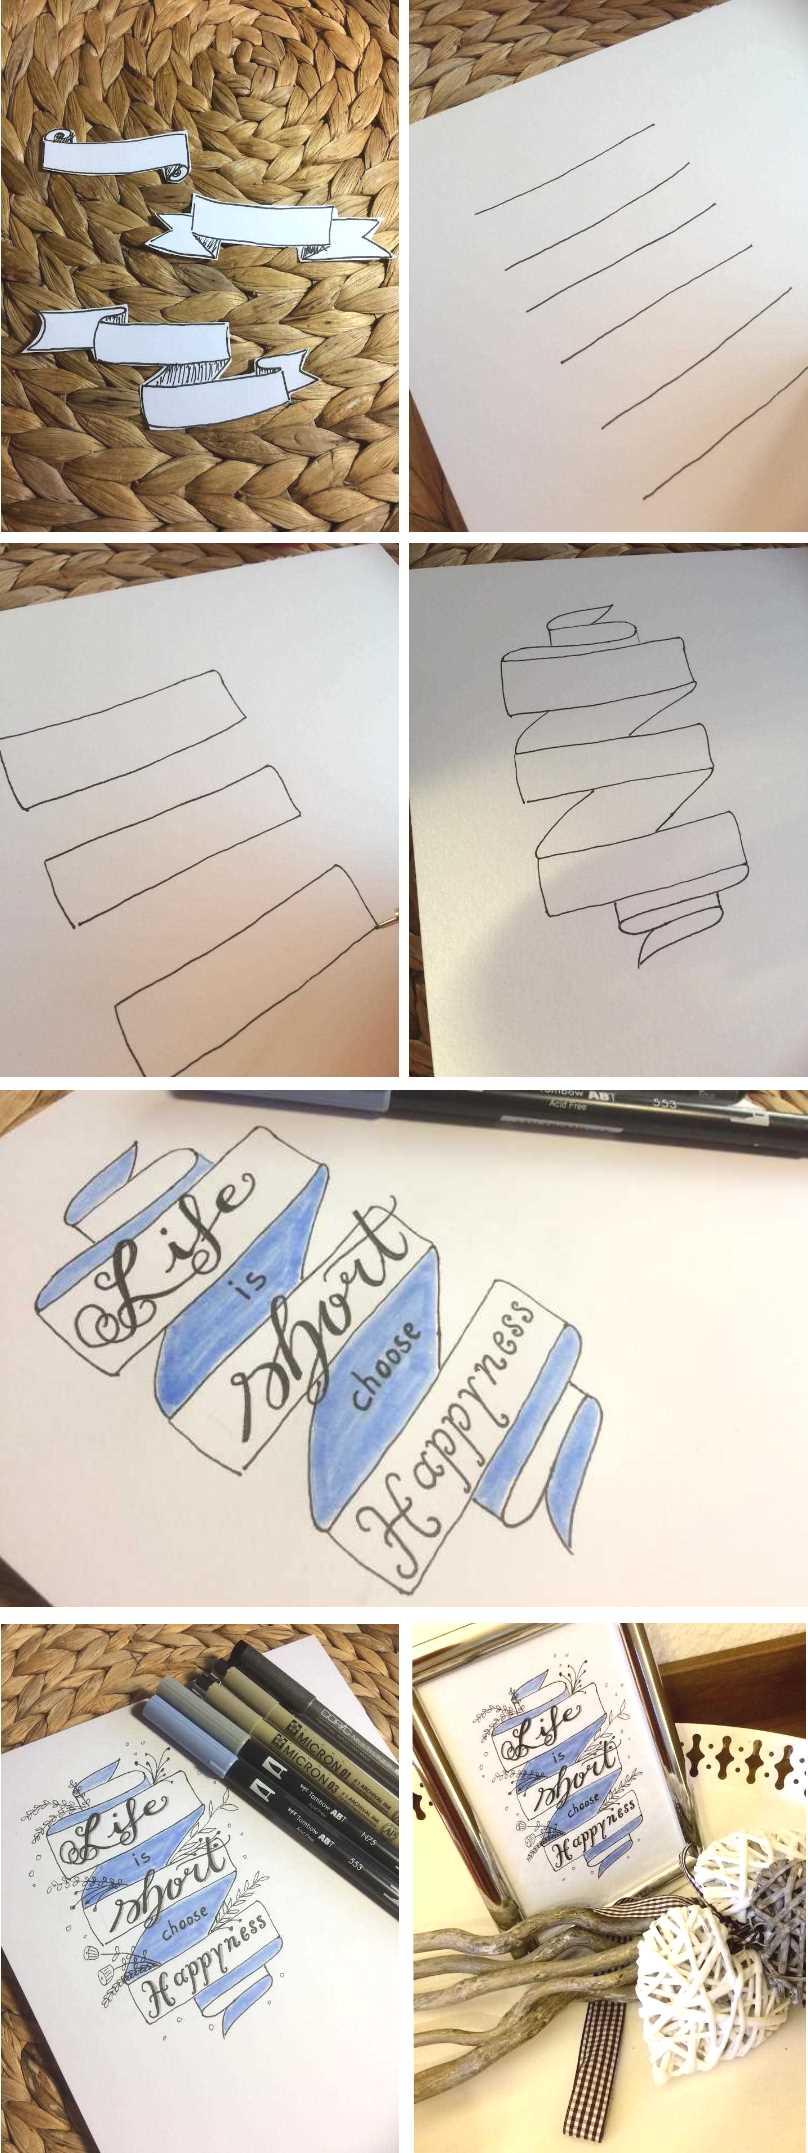 bebilderte Anleitung um einen Banner zu zeichnen für dein Lettering